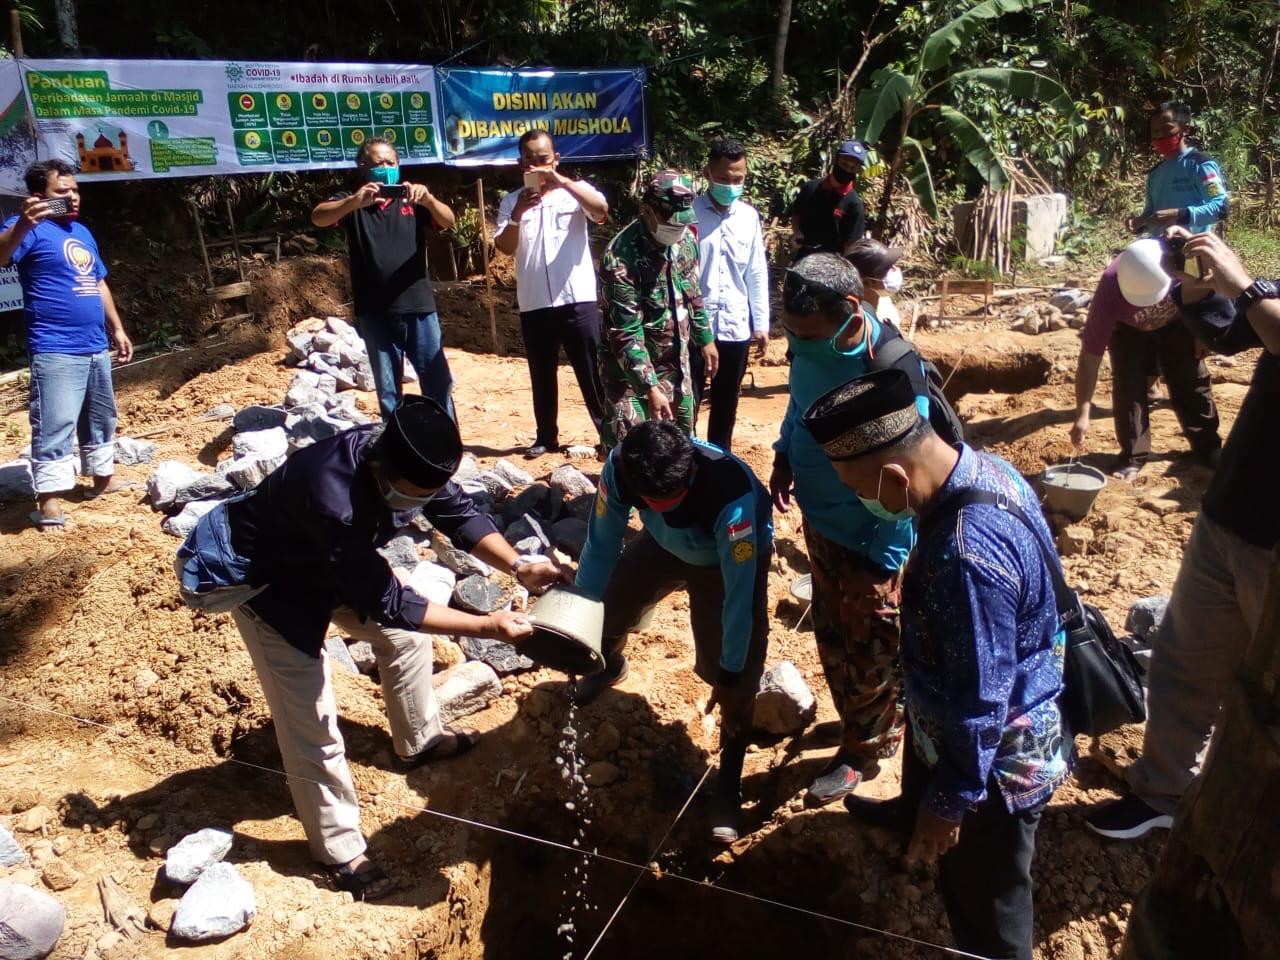 MDMC KULON PROGO BANGUN MUSHOLLA TANGGUH